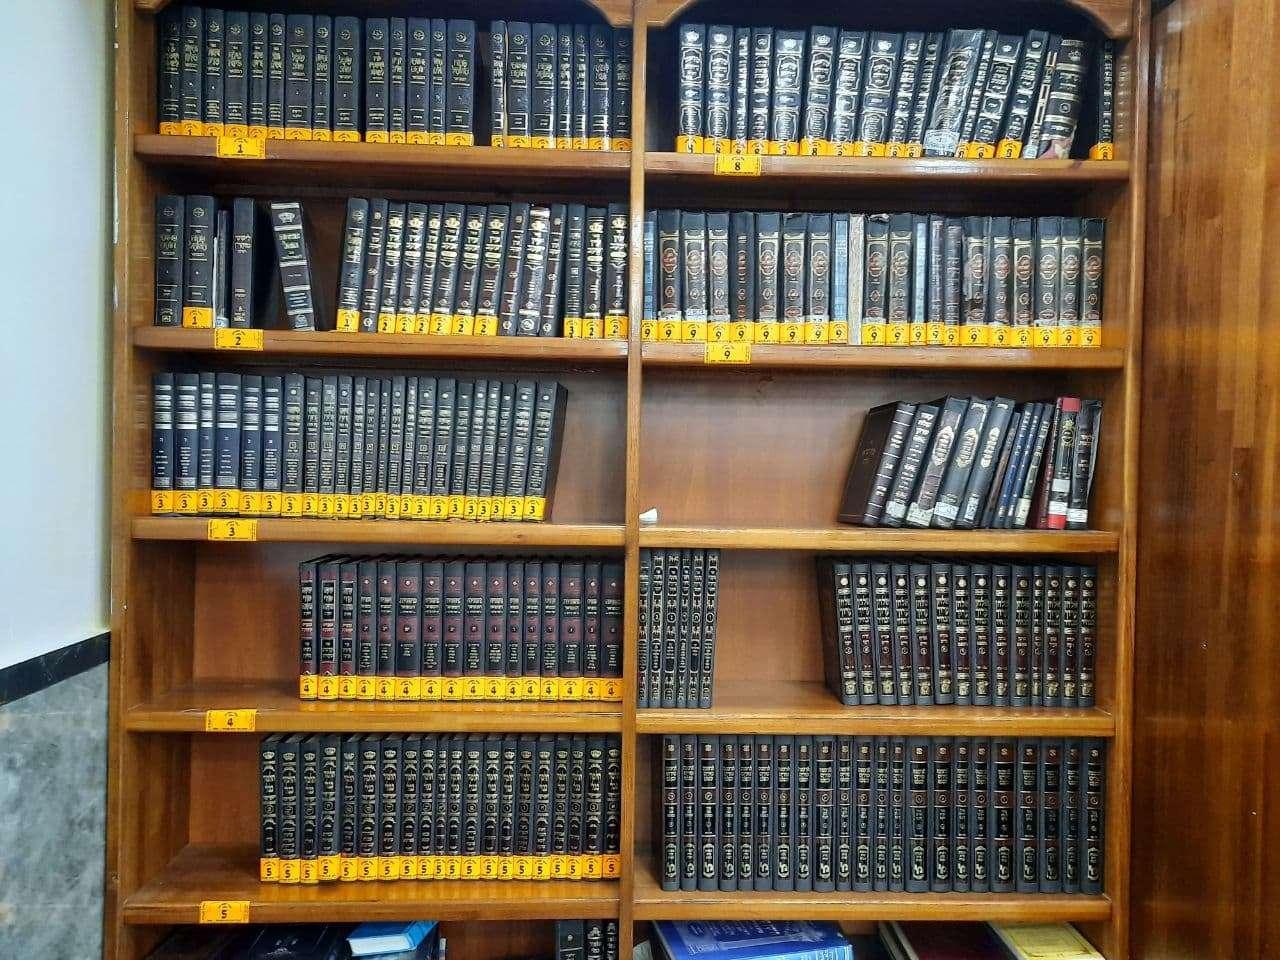 אוצר הספרים בהיכל הכהנים בקבר רבי נחמן מברסלב באומן